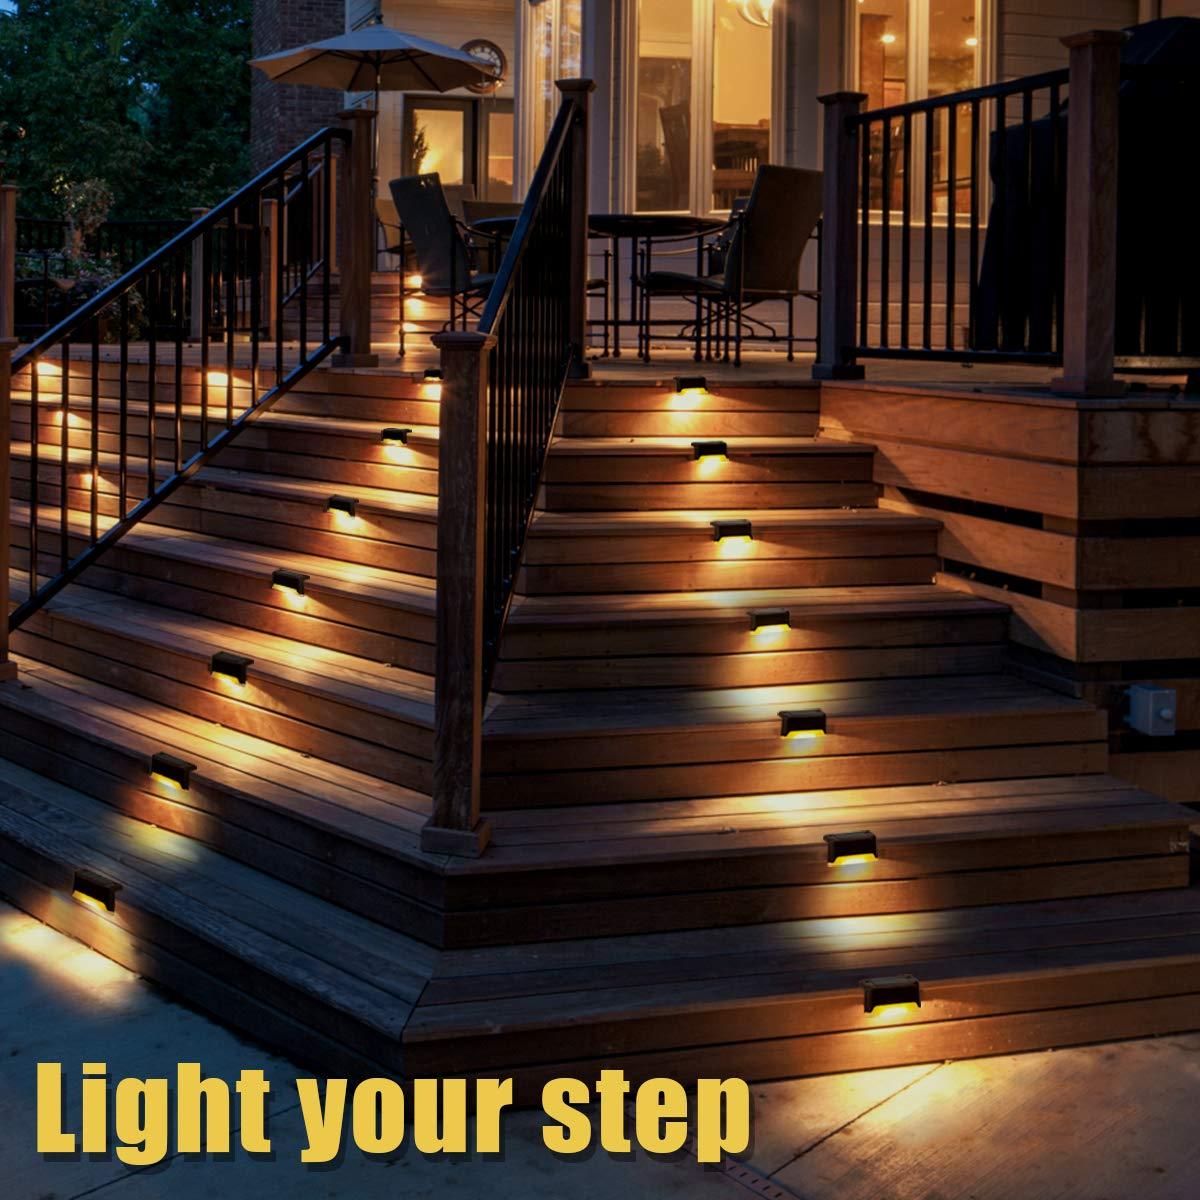 Amazon.com: Gigalumi 12 luces solares para terraza, acabado ...